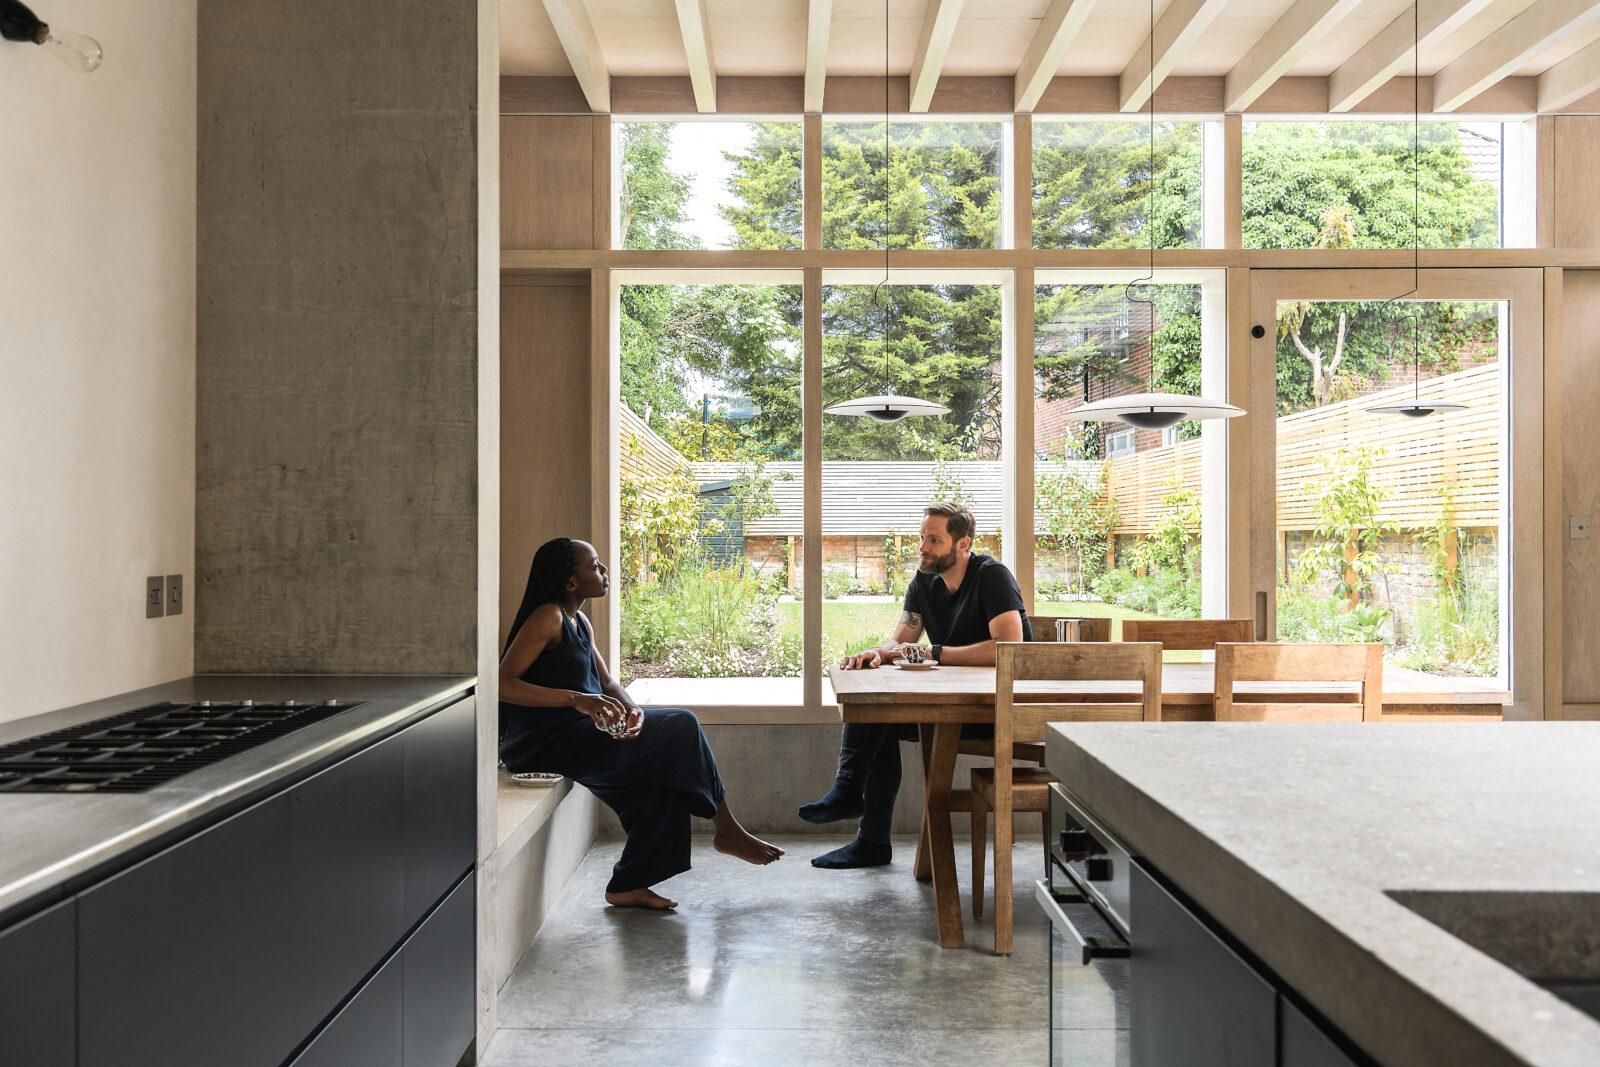 Concrete-Plinth-House_02-1600x1067.jpg